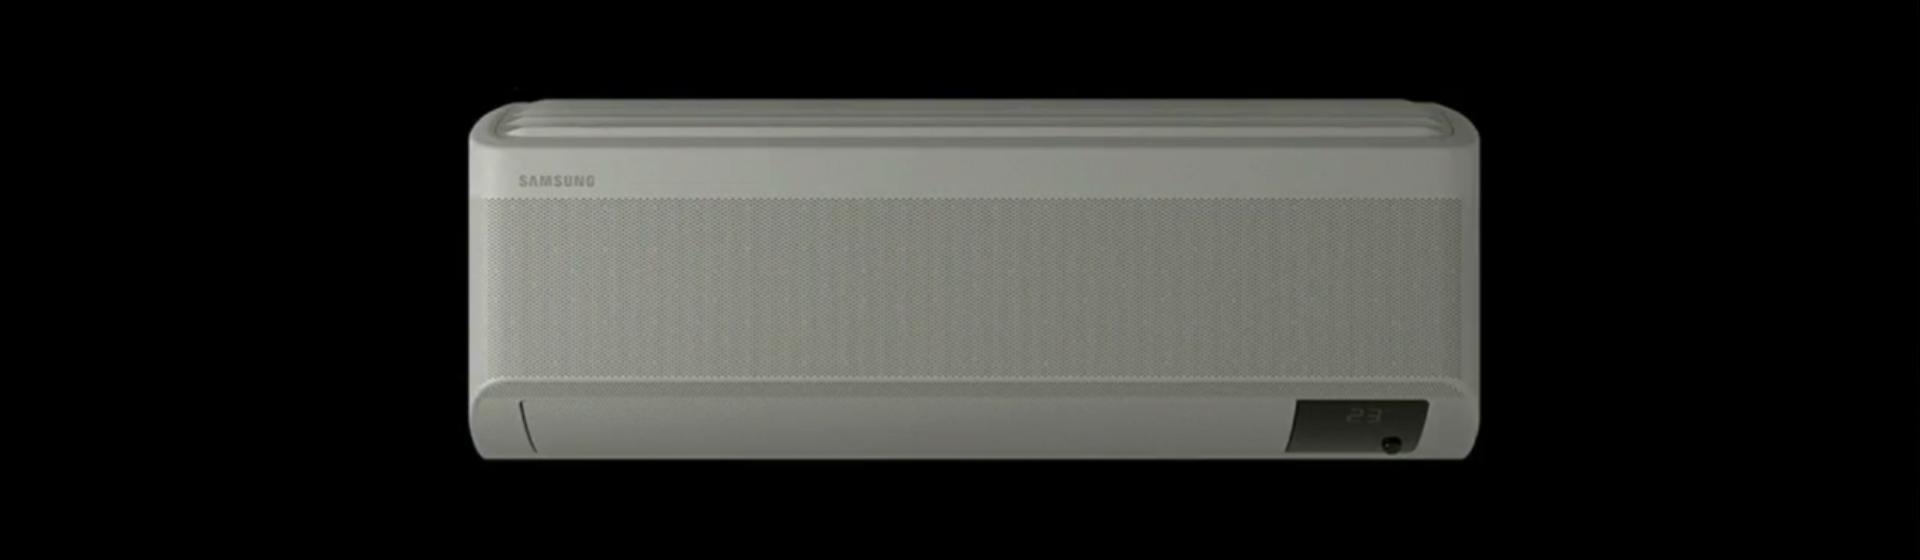 Ar Condicionado Samsung Wind Free: marca lança modelos 2020 sem vento